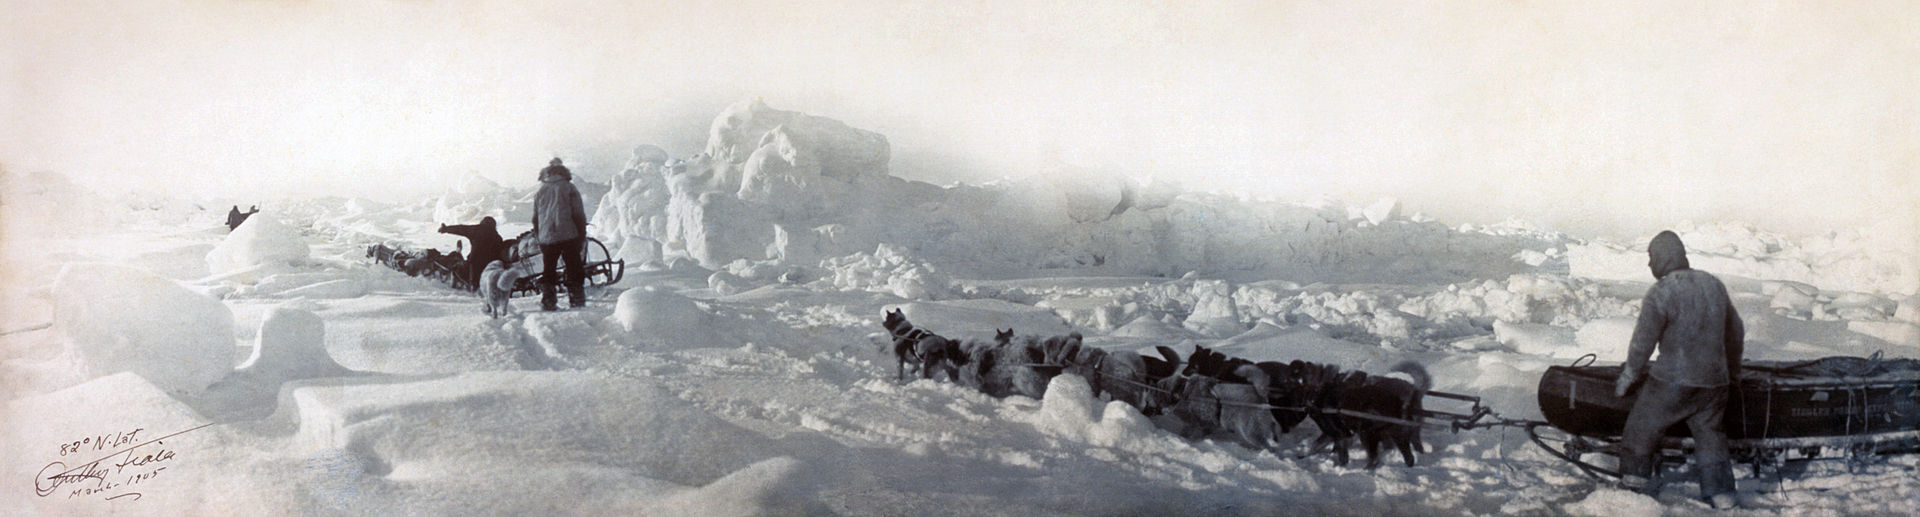 Peter Tessem og Ziegler - Fiala ekspedisjonen 1903-1905: 2 år strandet på Frans Josefs land